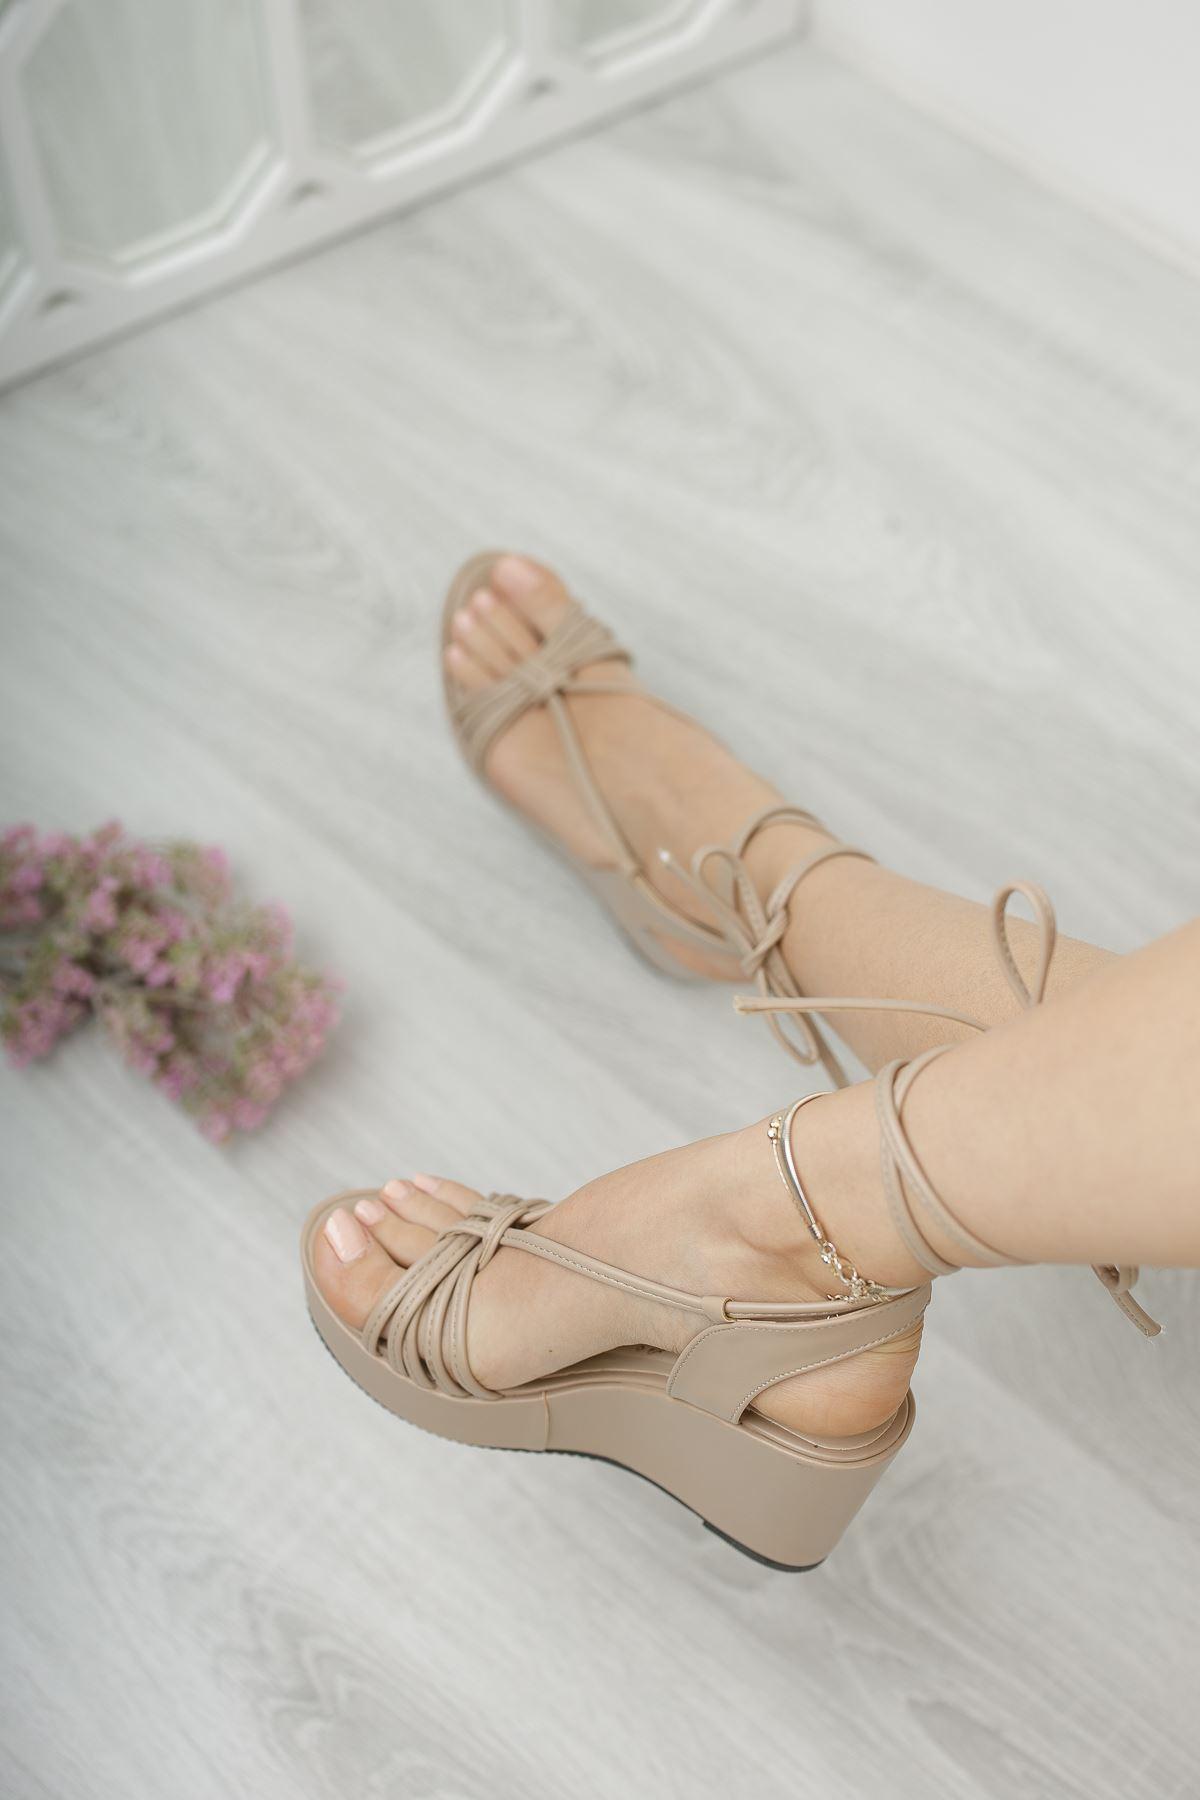 Kadın Abenas Biyeli Mat Deri Ten Dolgu Topuklu Ayakkabı